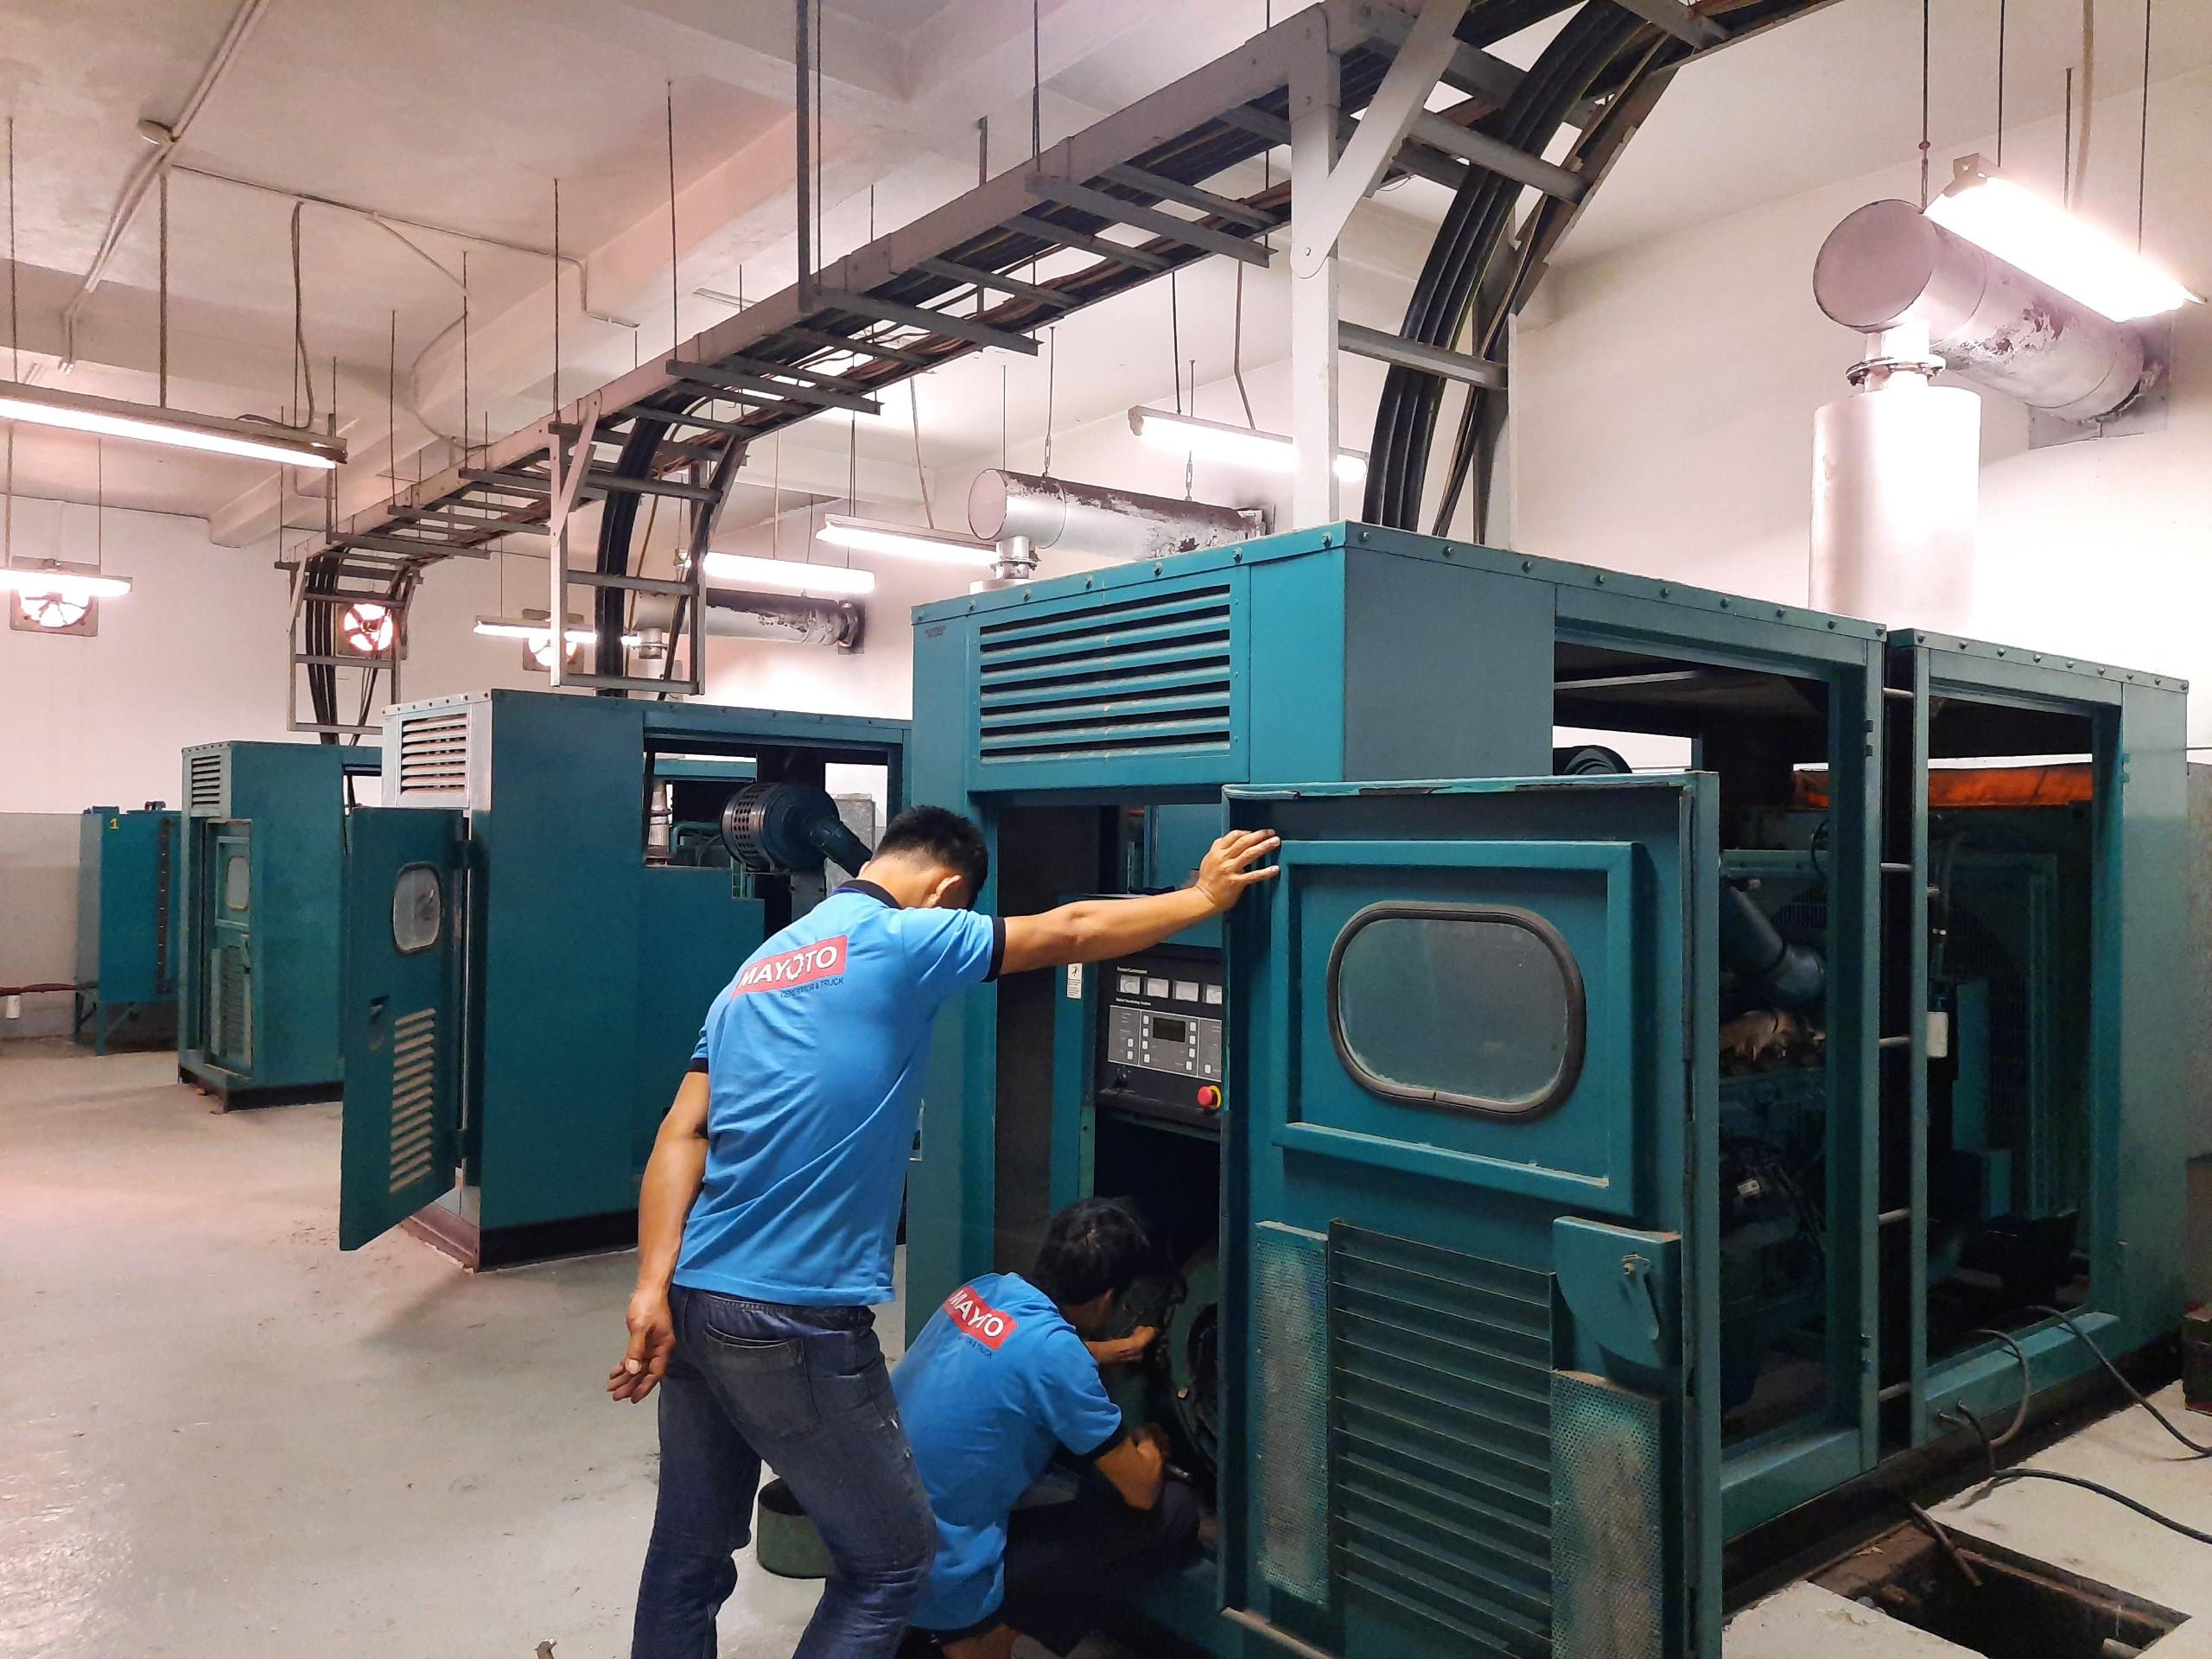 Sửa chữa, bảo trì máy phát điện Cummins cho Resort ở Hội An, Quảng Nam